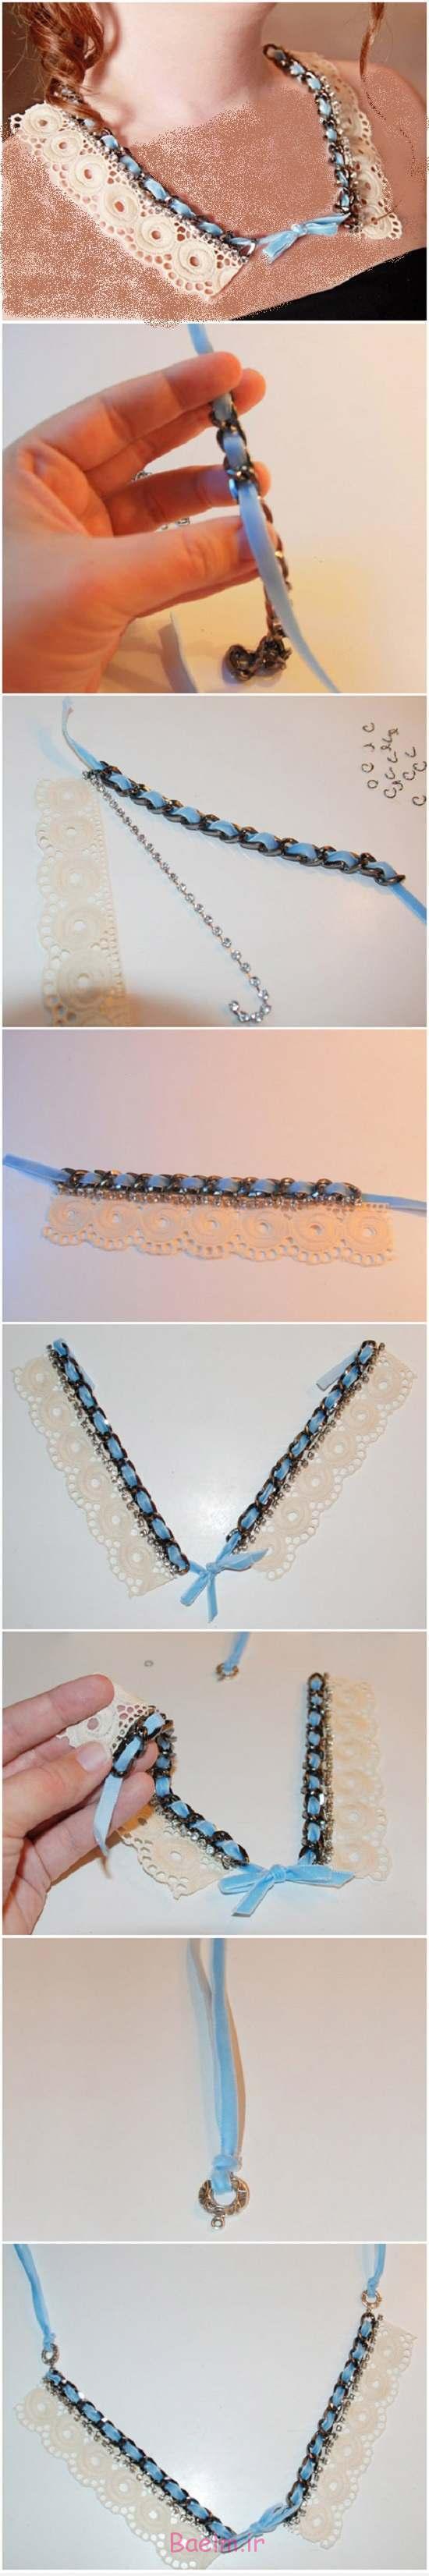 آموزش تصویری | طرز ساخت گردنبند کلاسیک (زیبا و جالب)